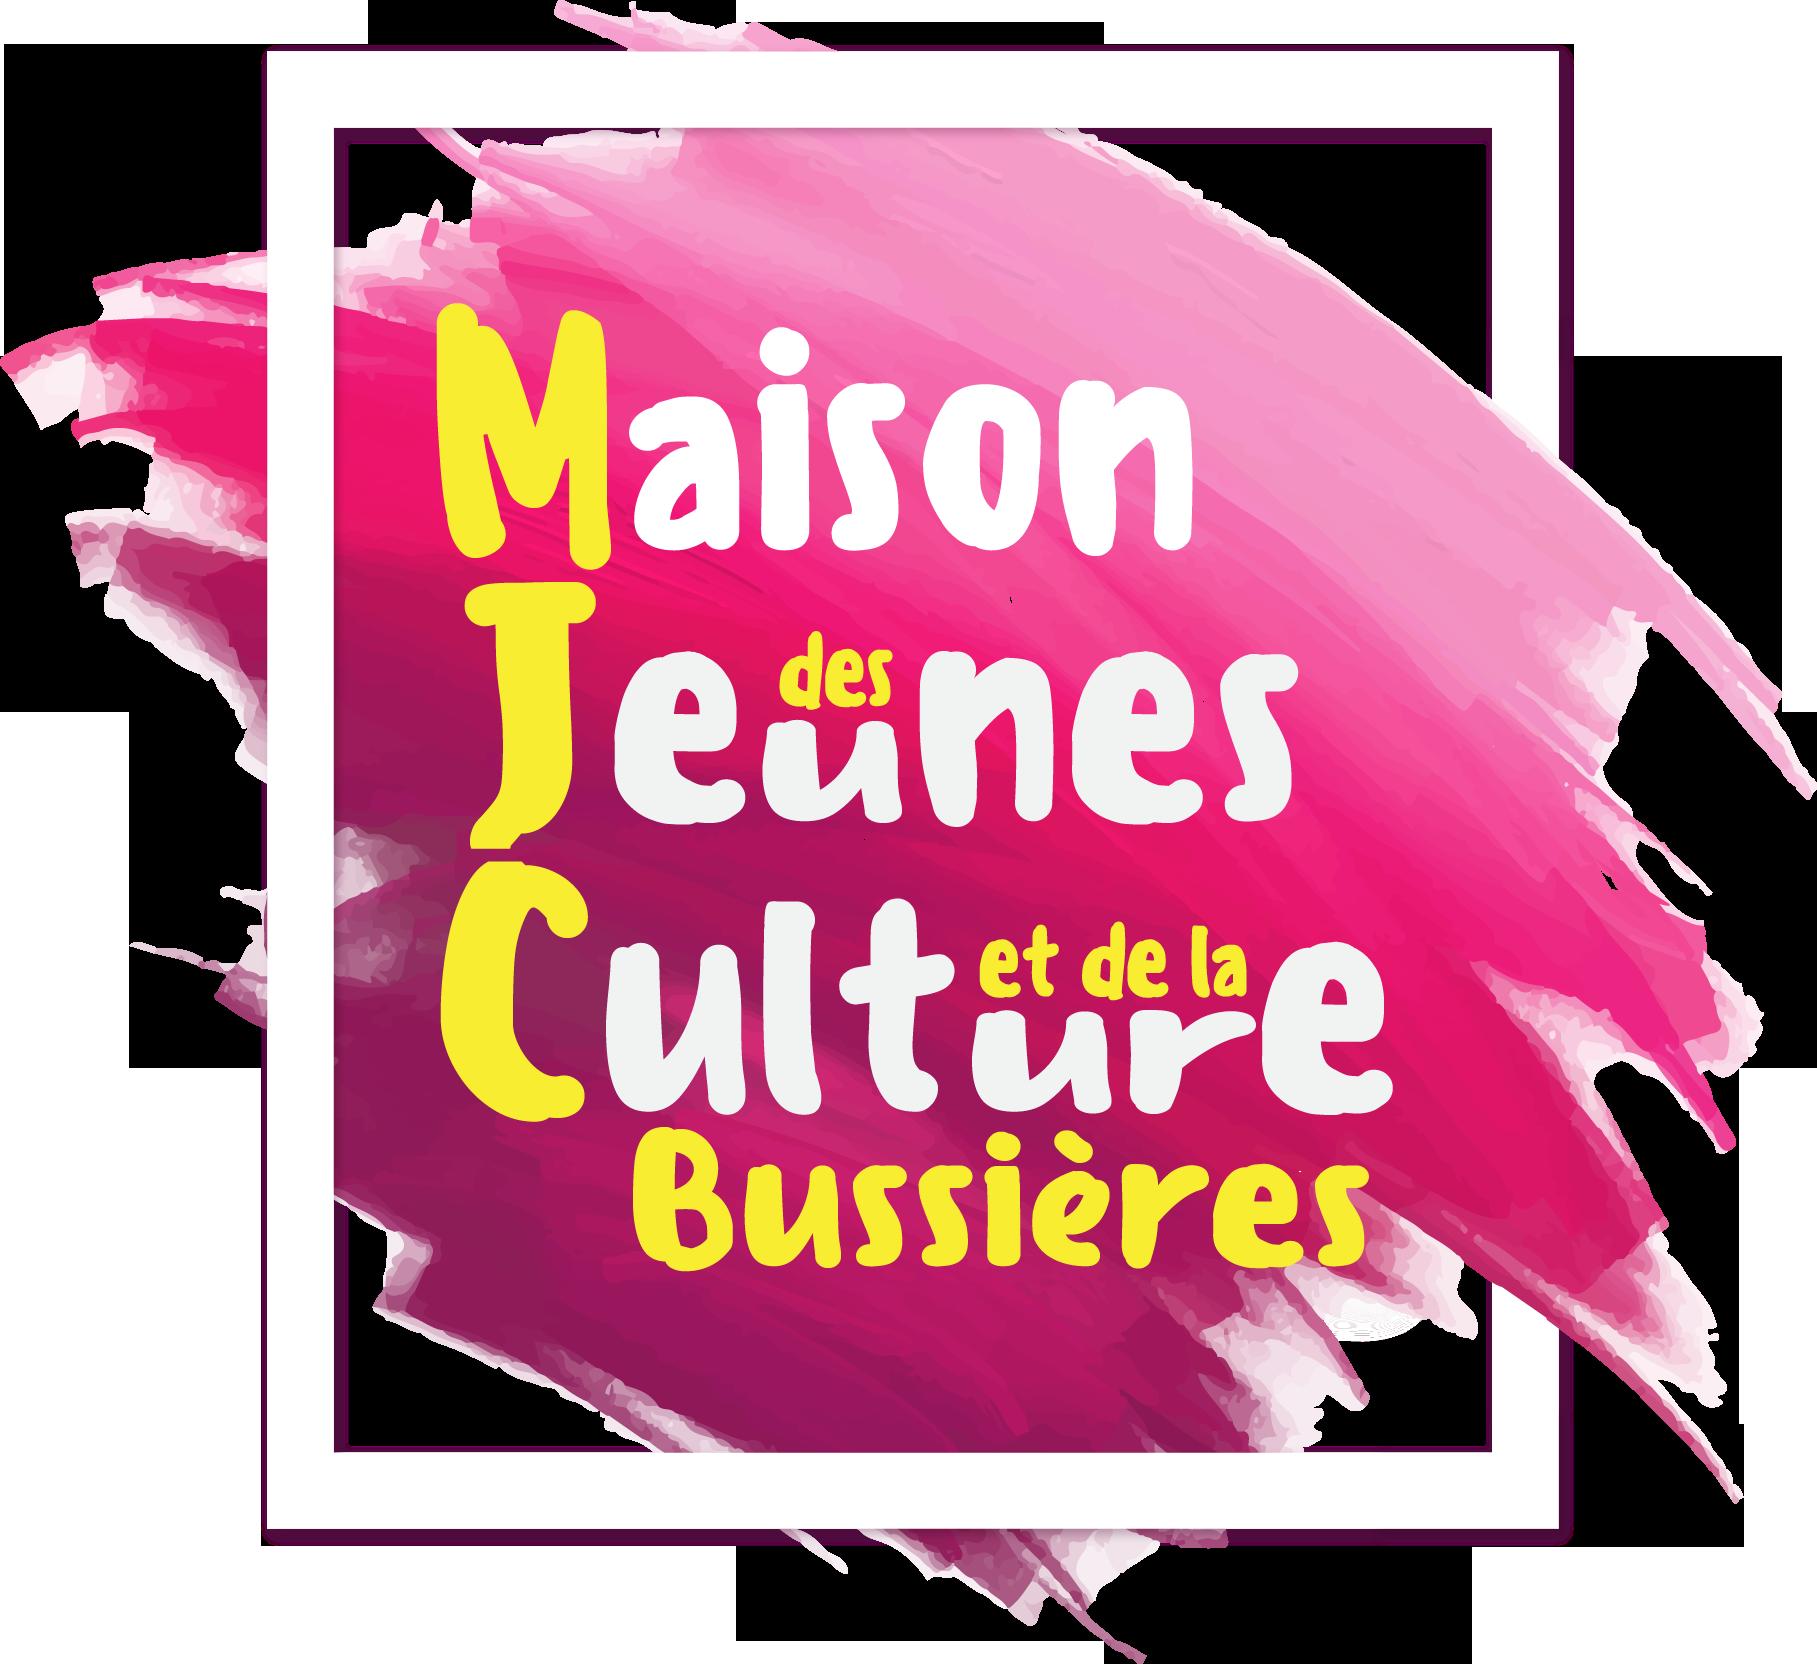 Logo MJC Bussieres